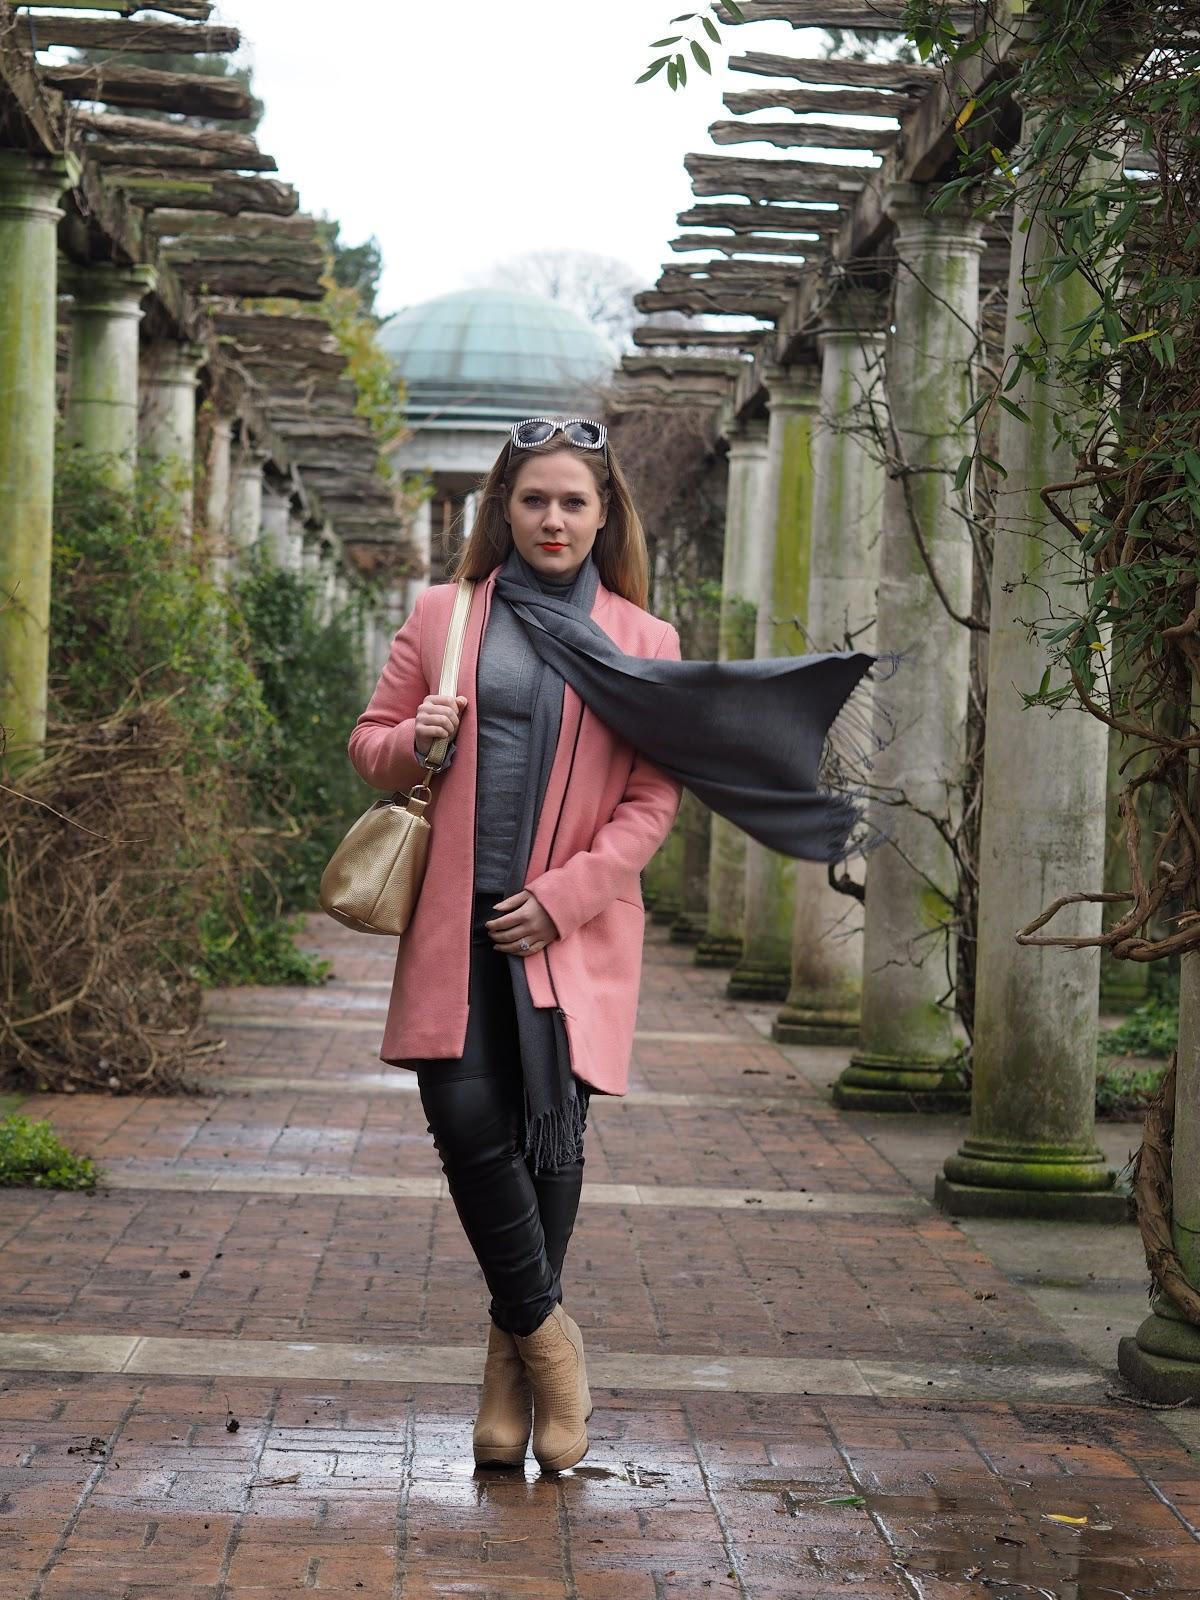 Blonde girl wearing winter clothes standing between pillars wearing pink coat